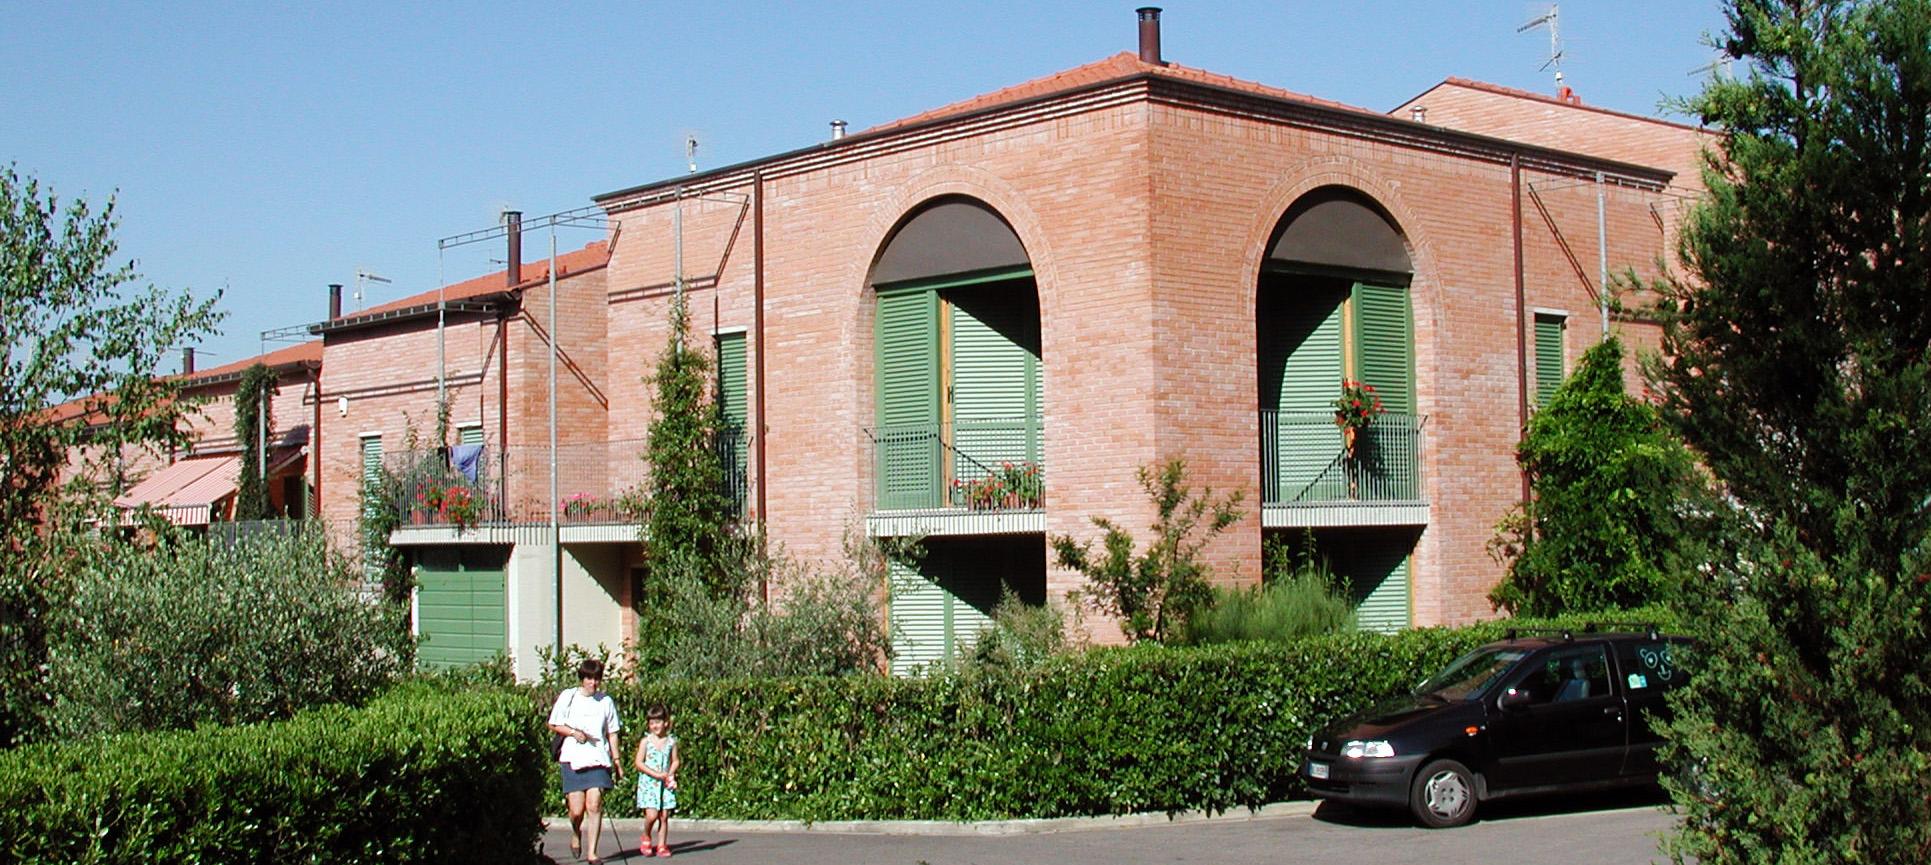 Complesso residenziale per 41 alloggi martini ruggeri for Piccoli piani di progettazione di edifici commerciali